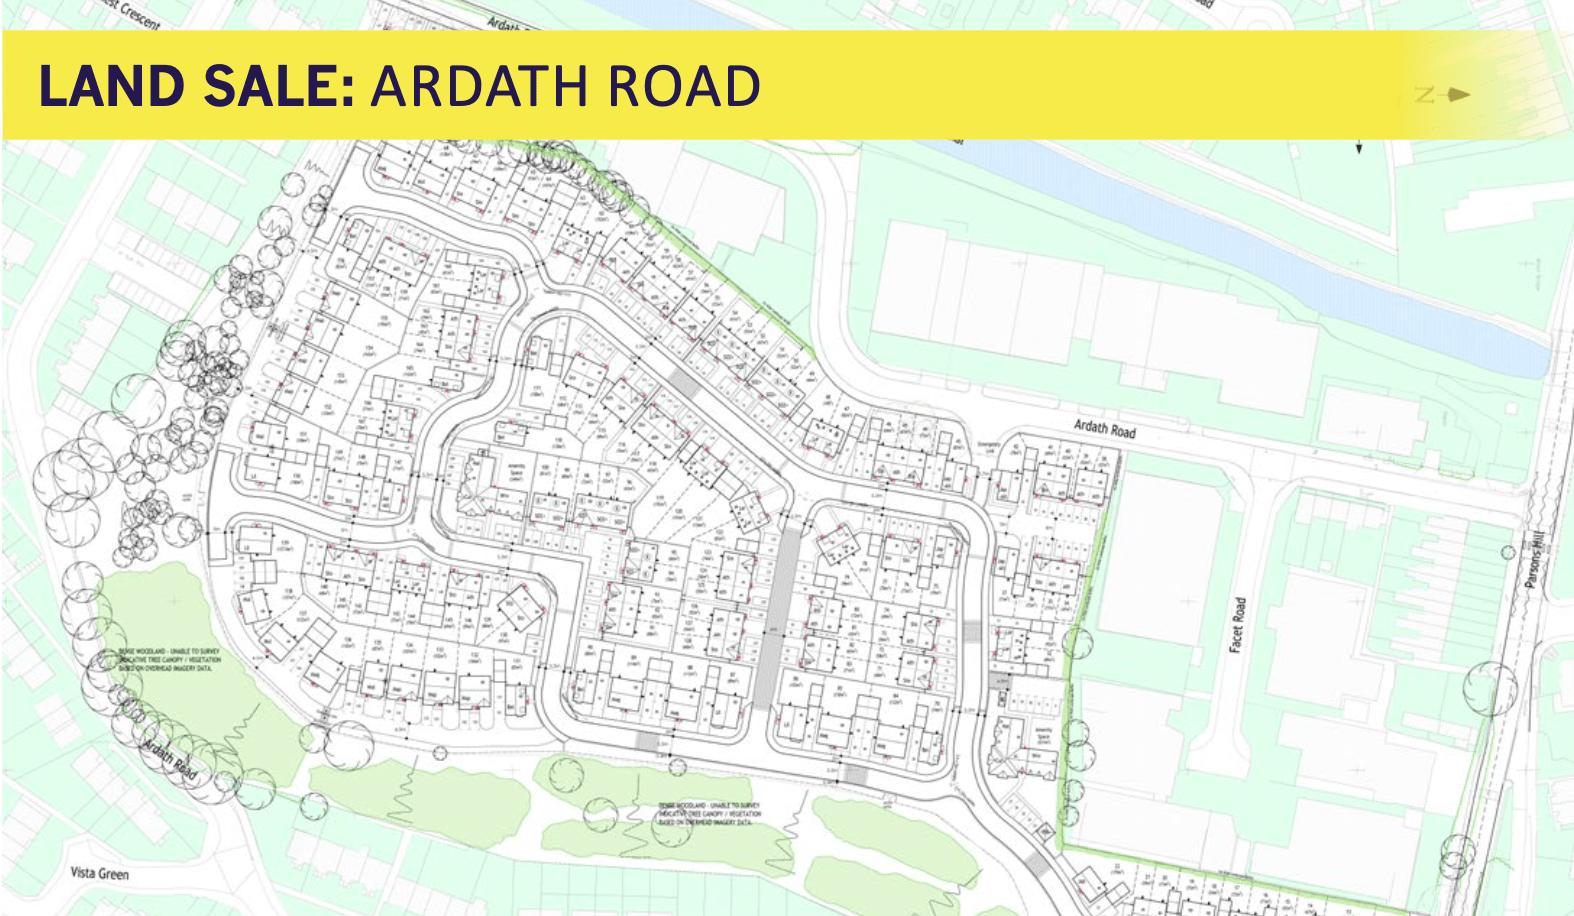 Ardath Road